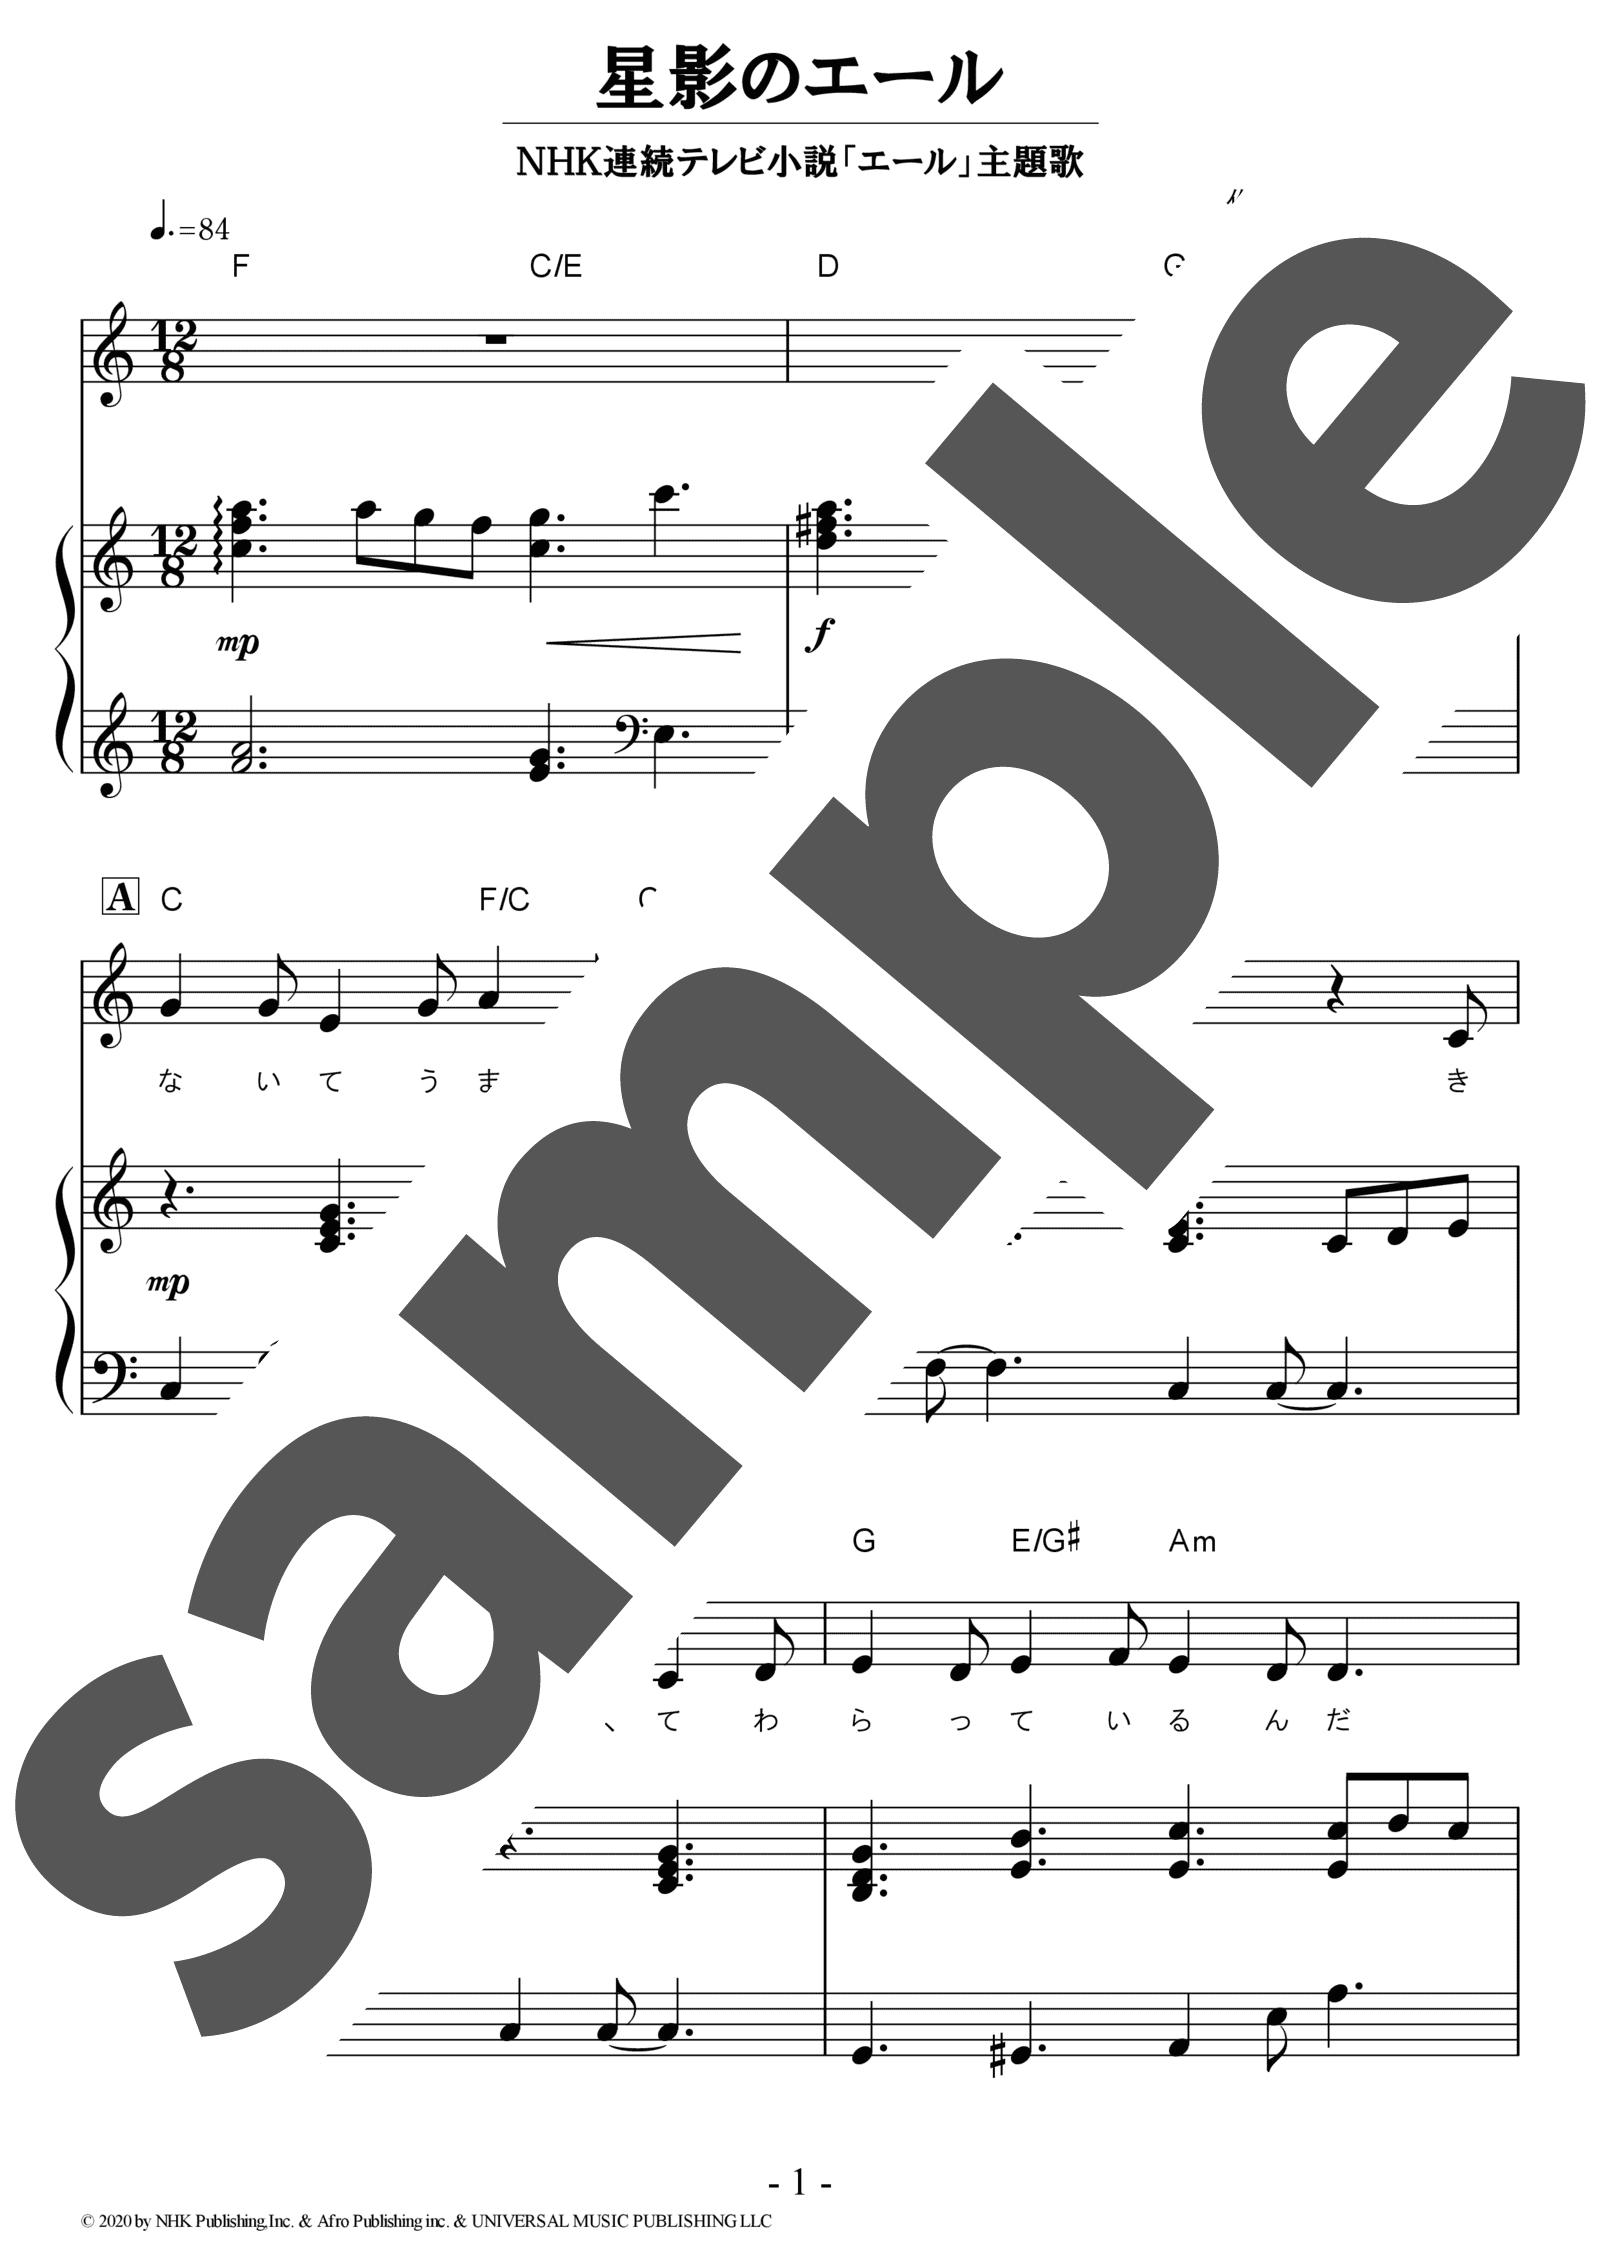 「星影のエール」のサンプル楽譜